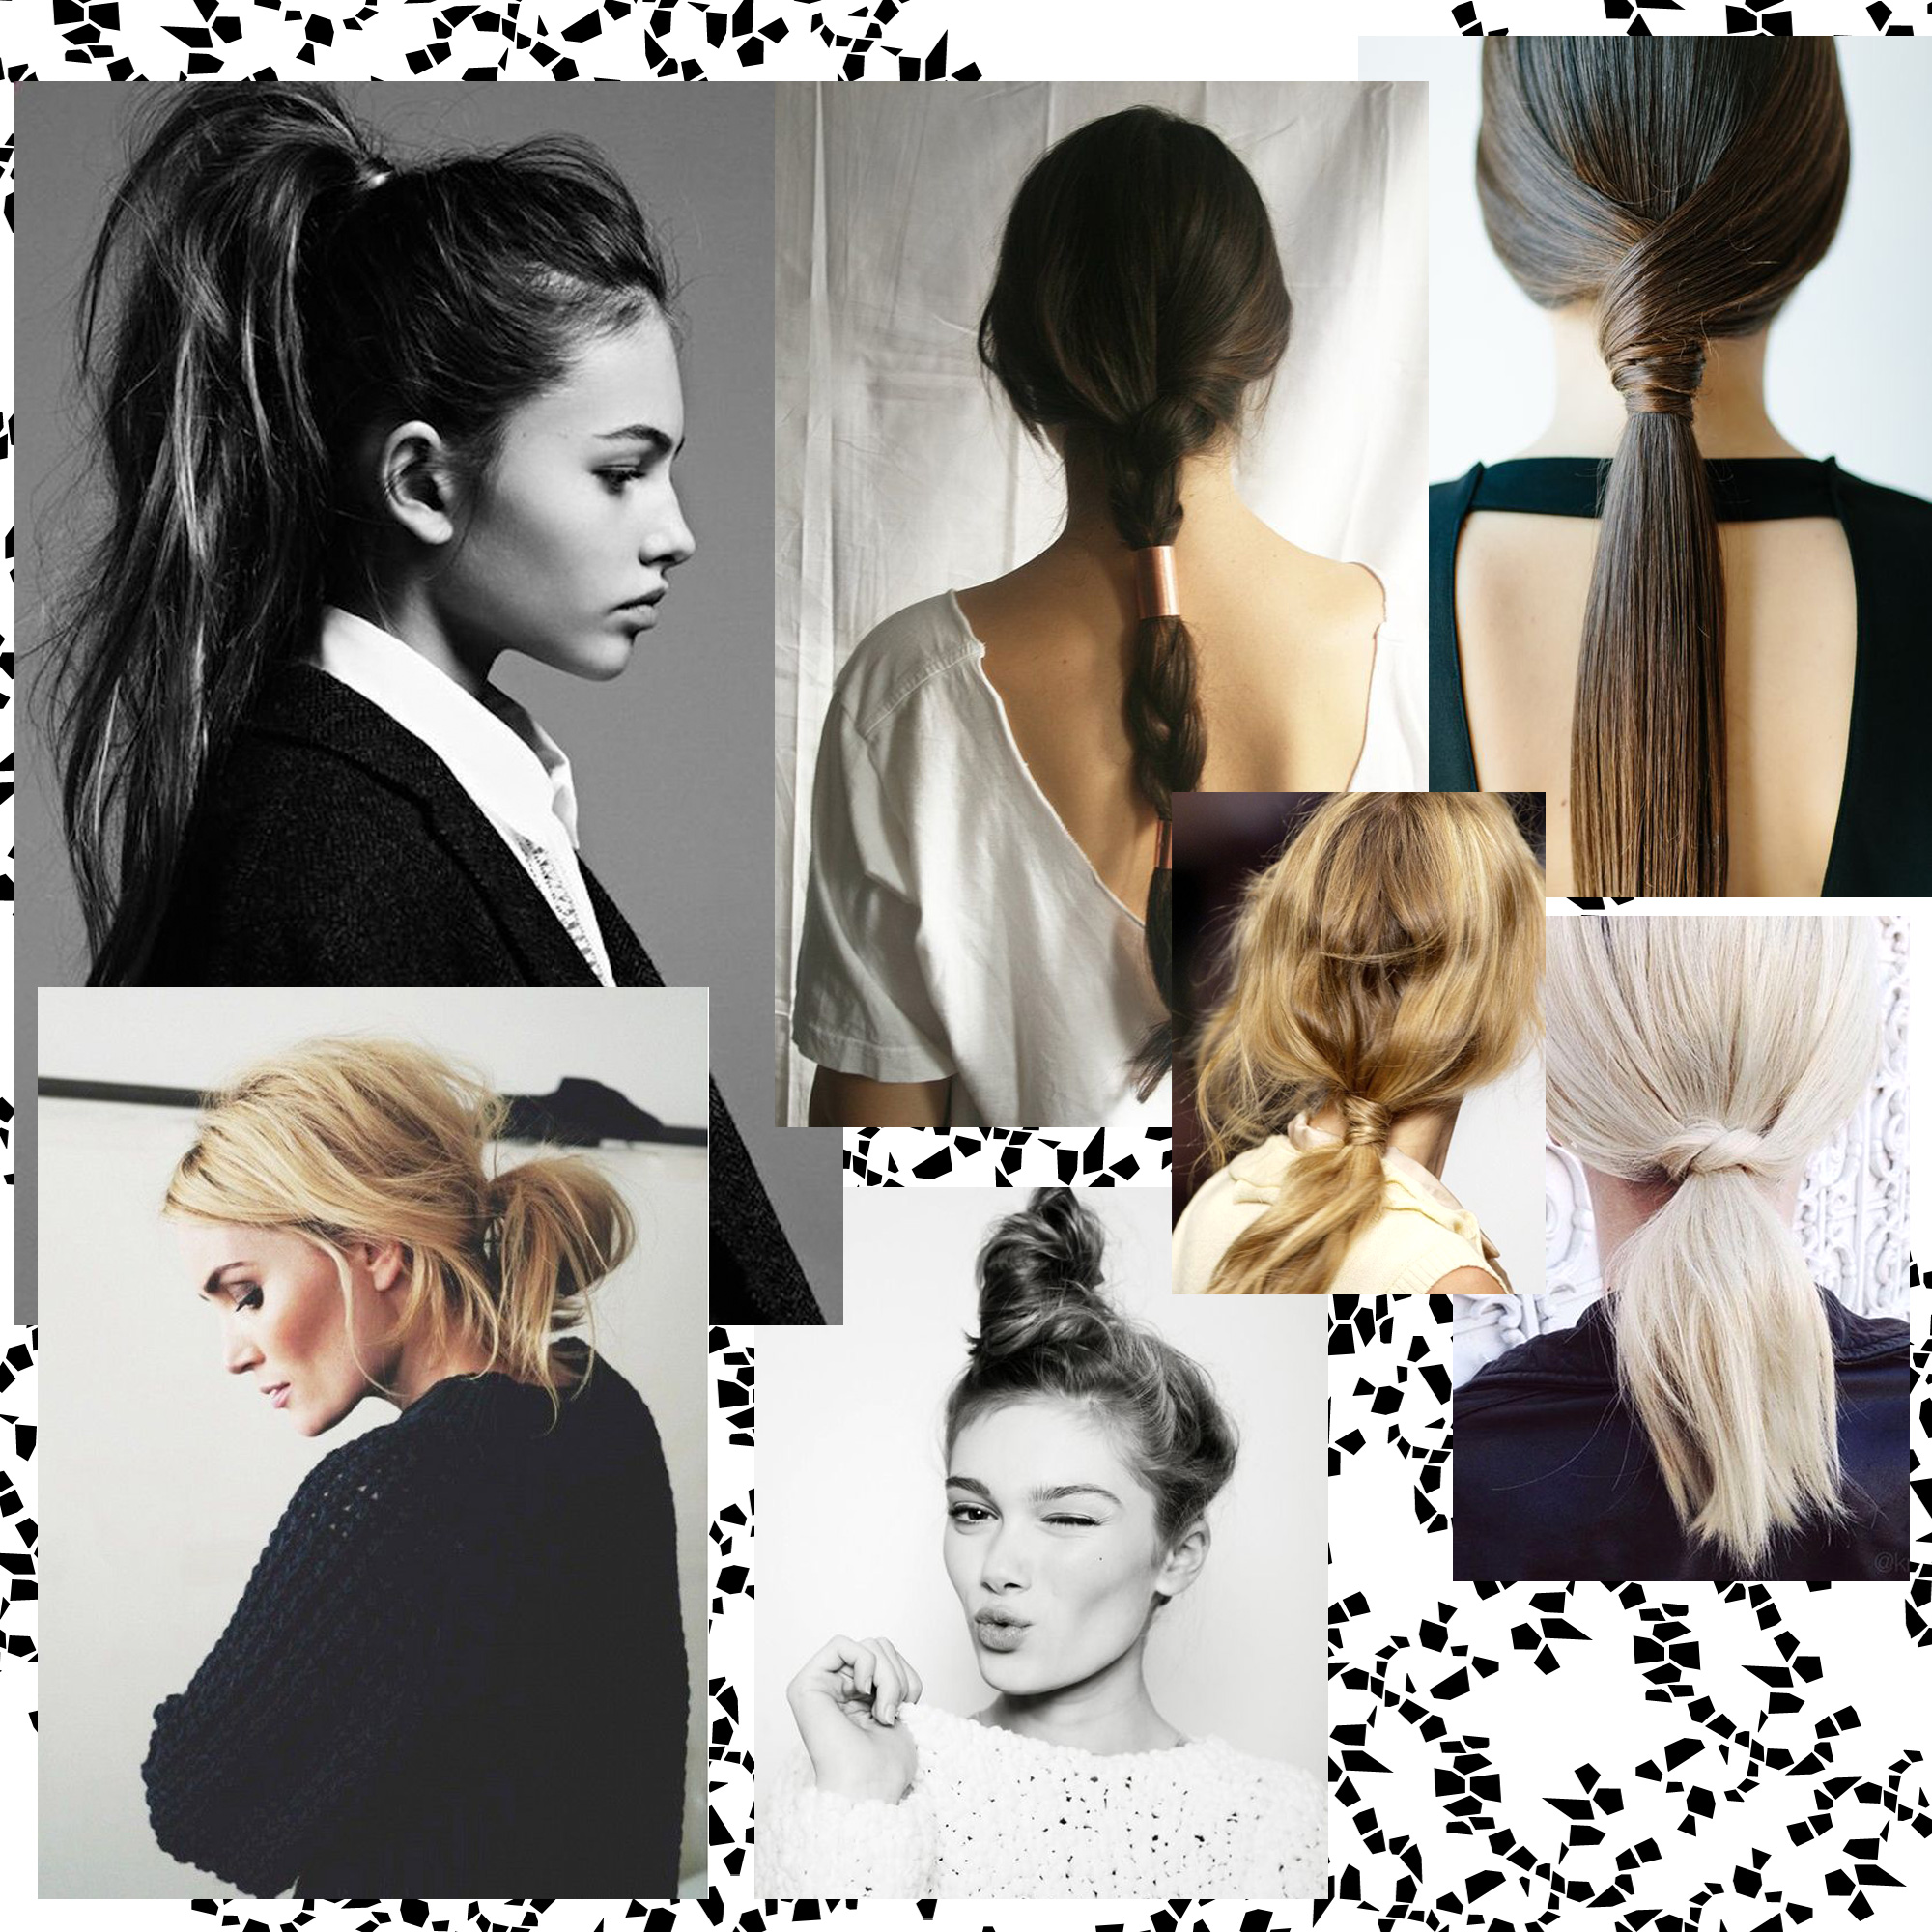 Très bien Extreme Coiffure simple : les plus belles coiffures simples - Elle NQ11